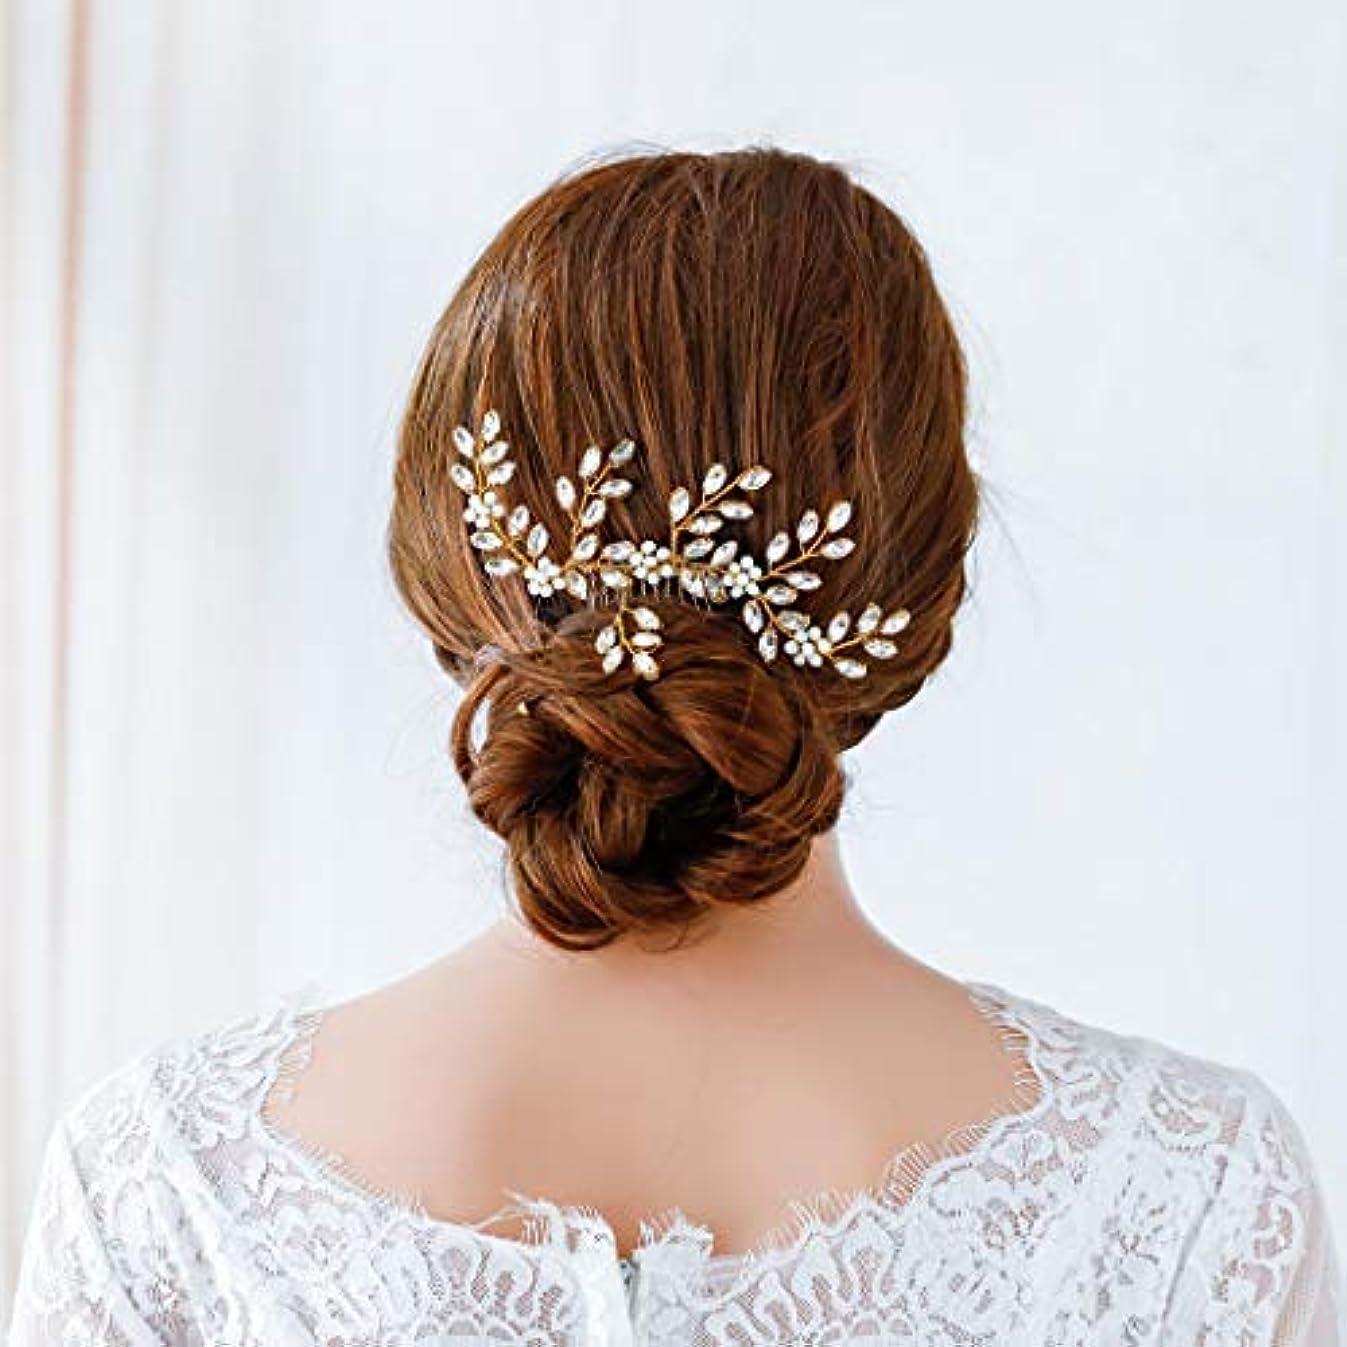 イーウェル後方マニフェストJovono Bride Wedding Hair Comb Bridal Crystal Hair Accessories Beaded Headpieces for Women and Girls (Gold) [並行輸入品]